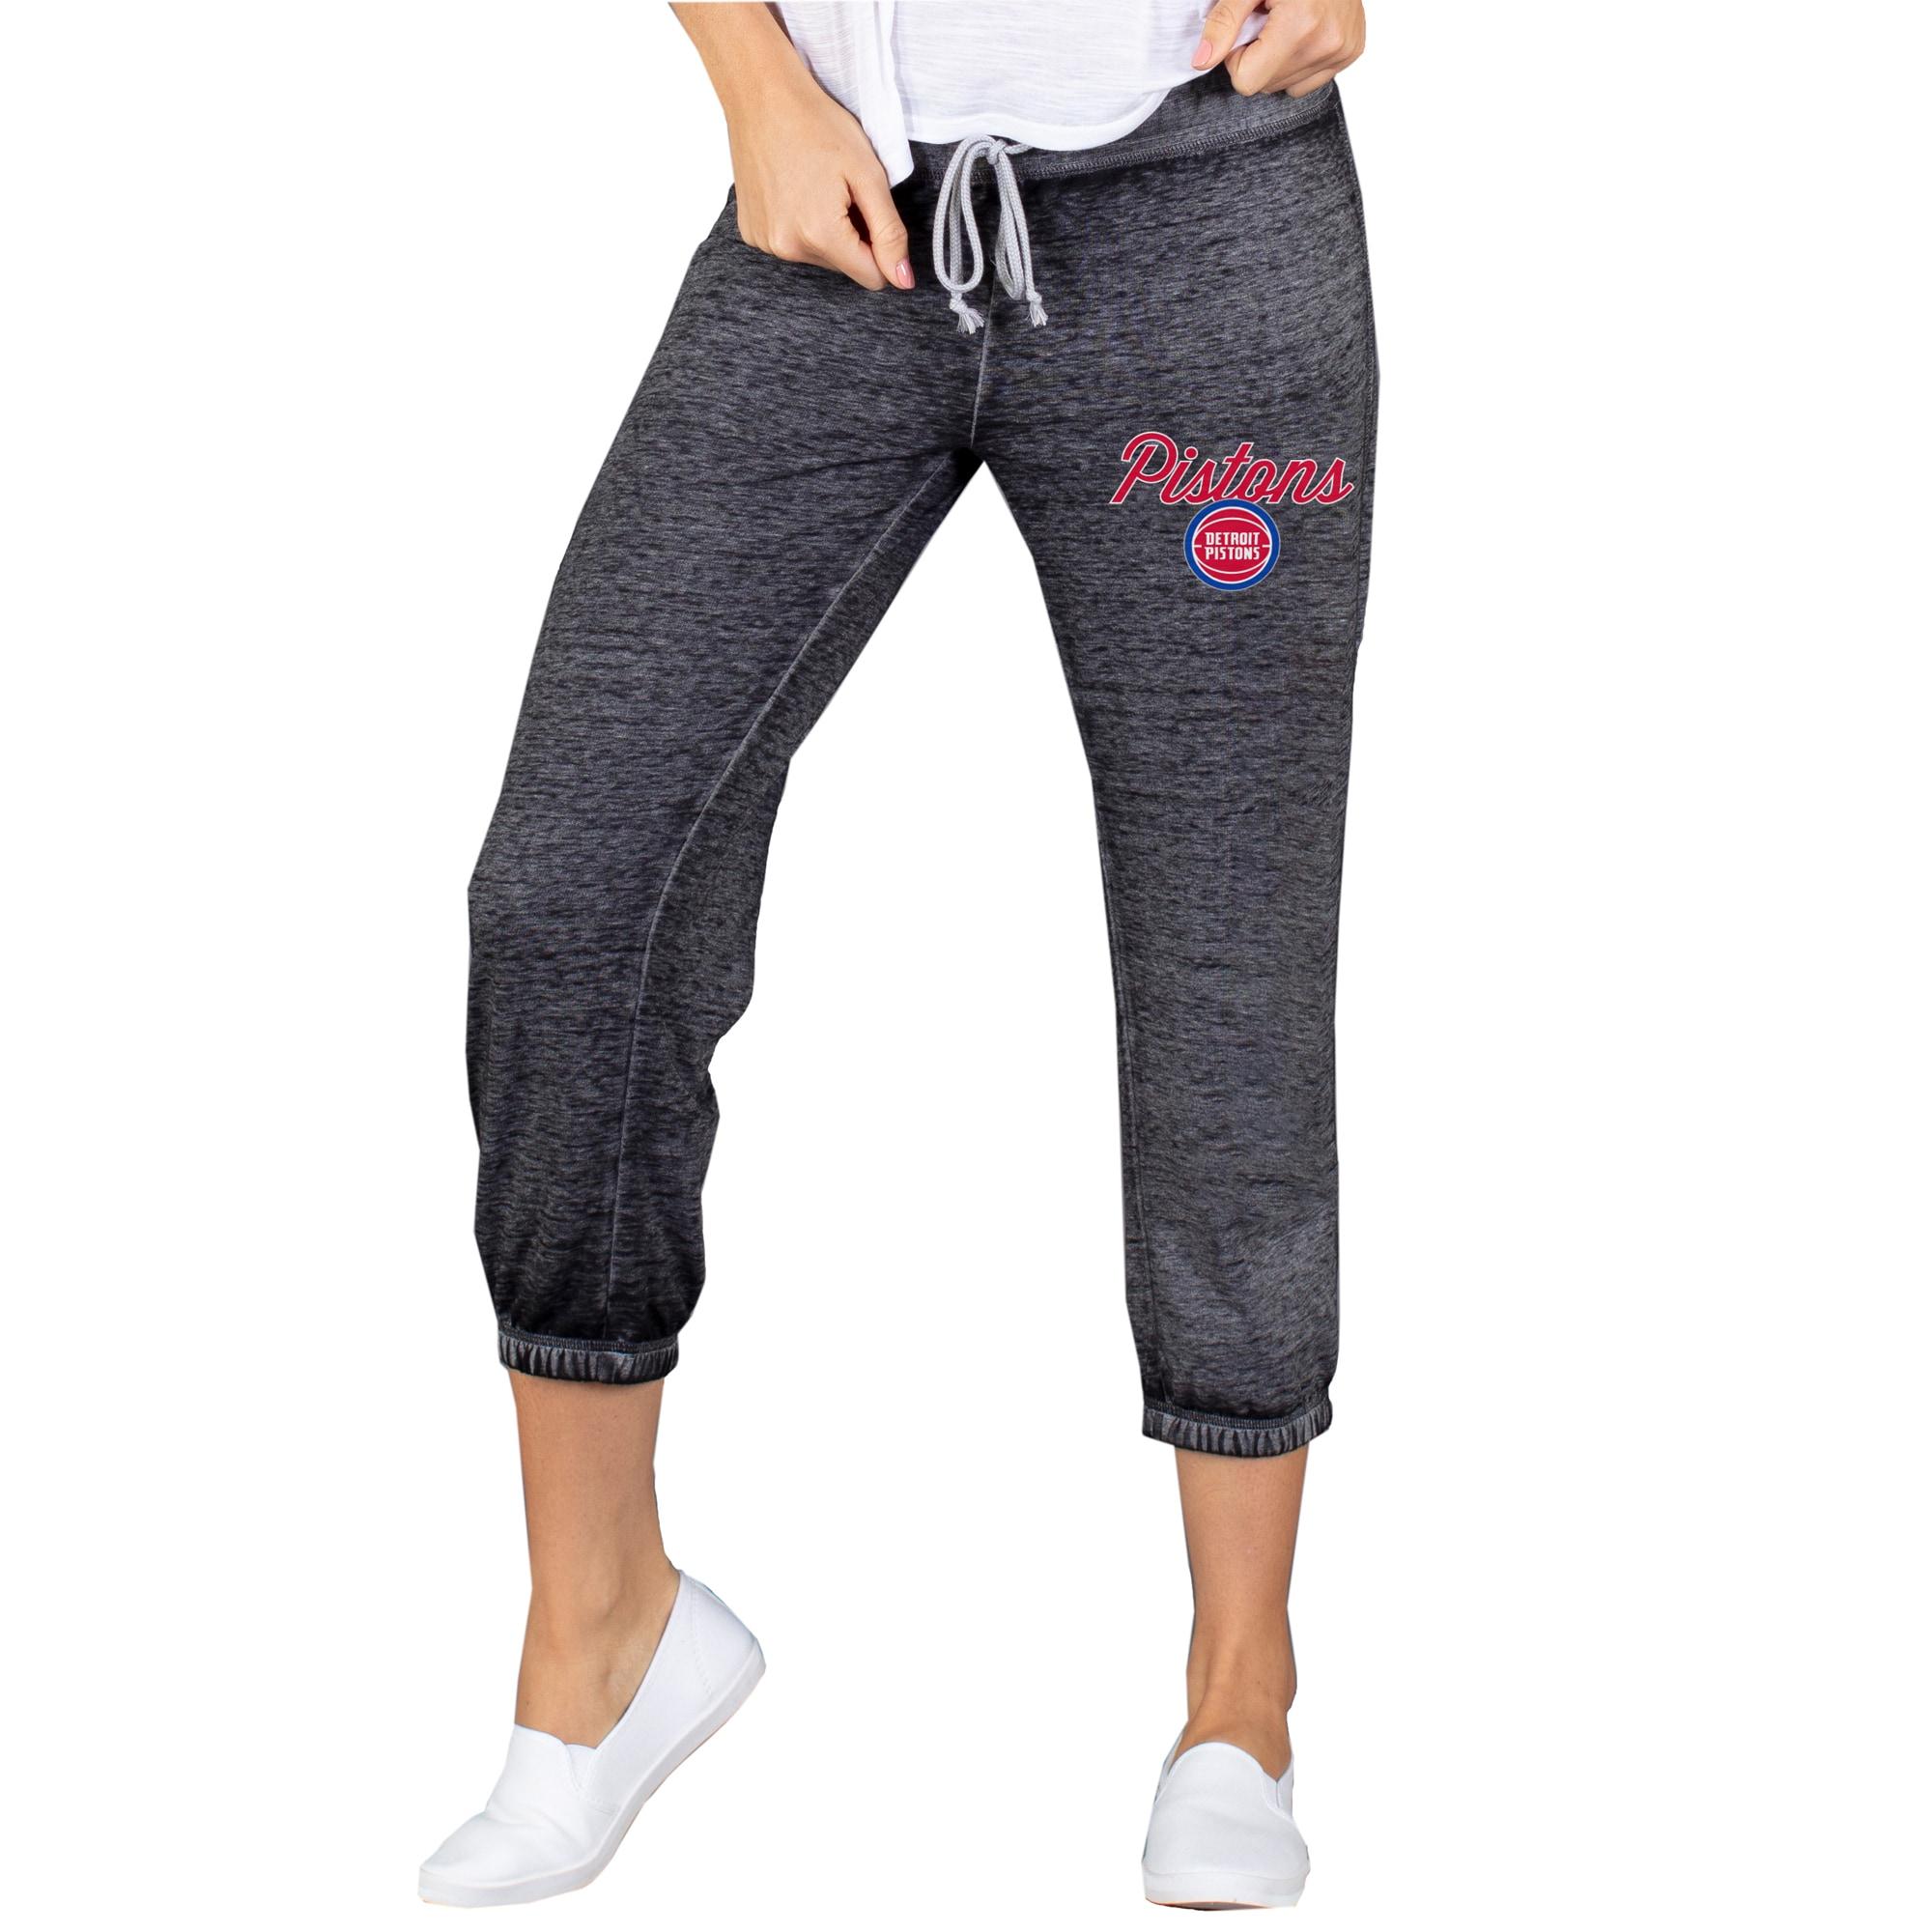 Detroit Pistons Concepts Sport Women's Capri Knit Lounge Pants - Charcoal